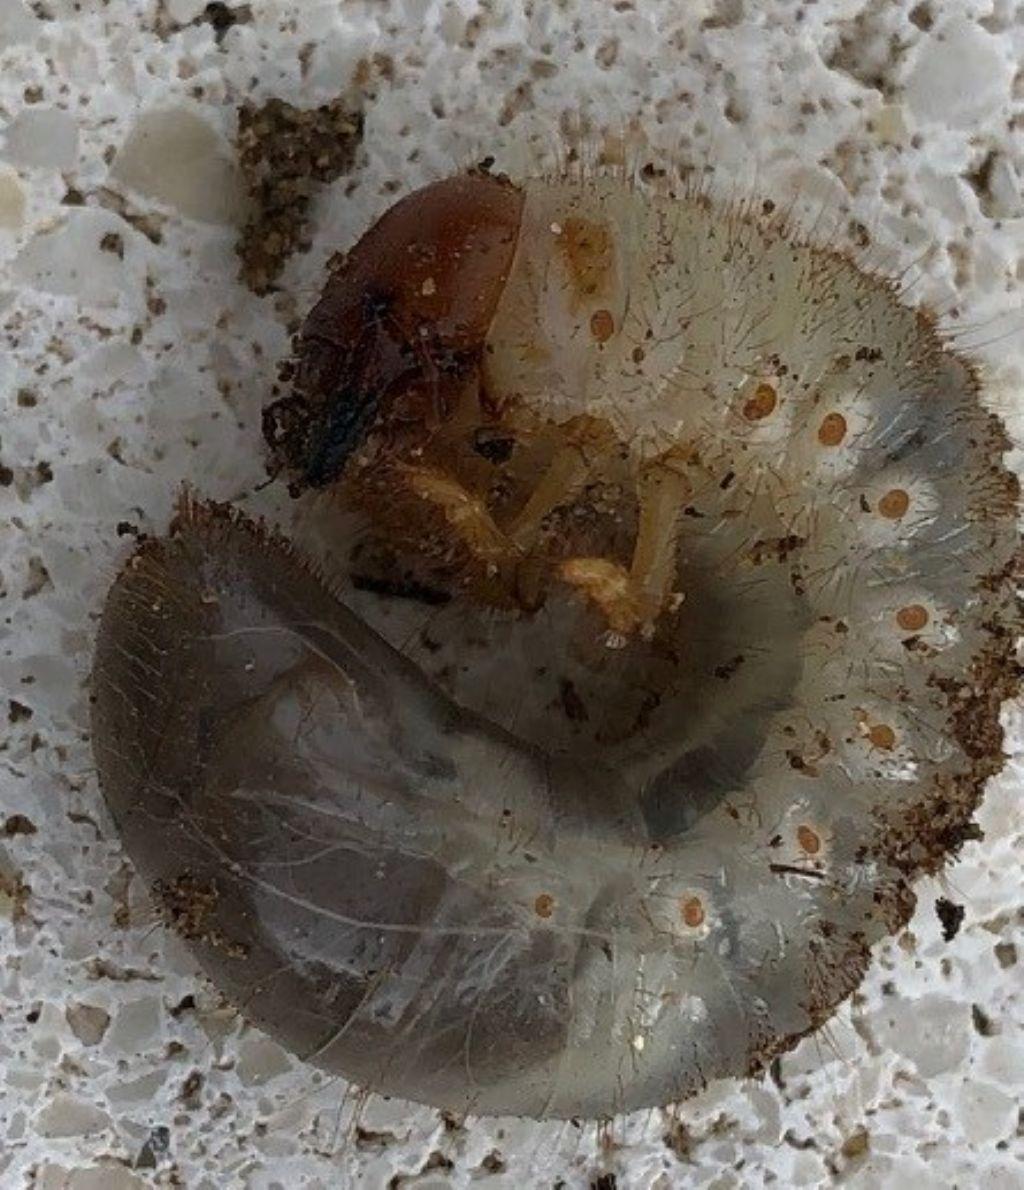 Che larva è?